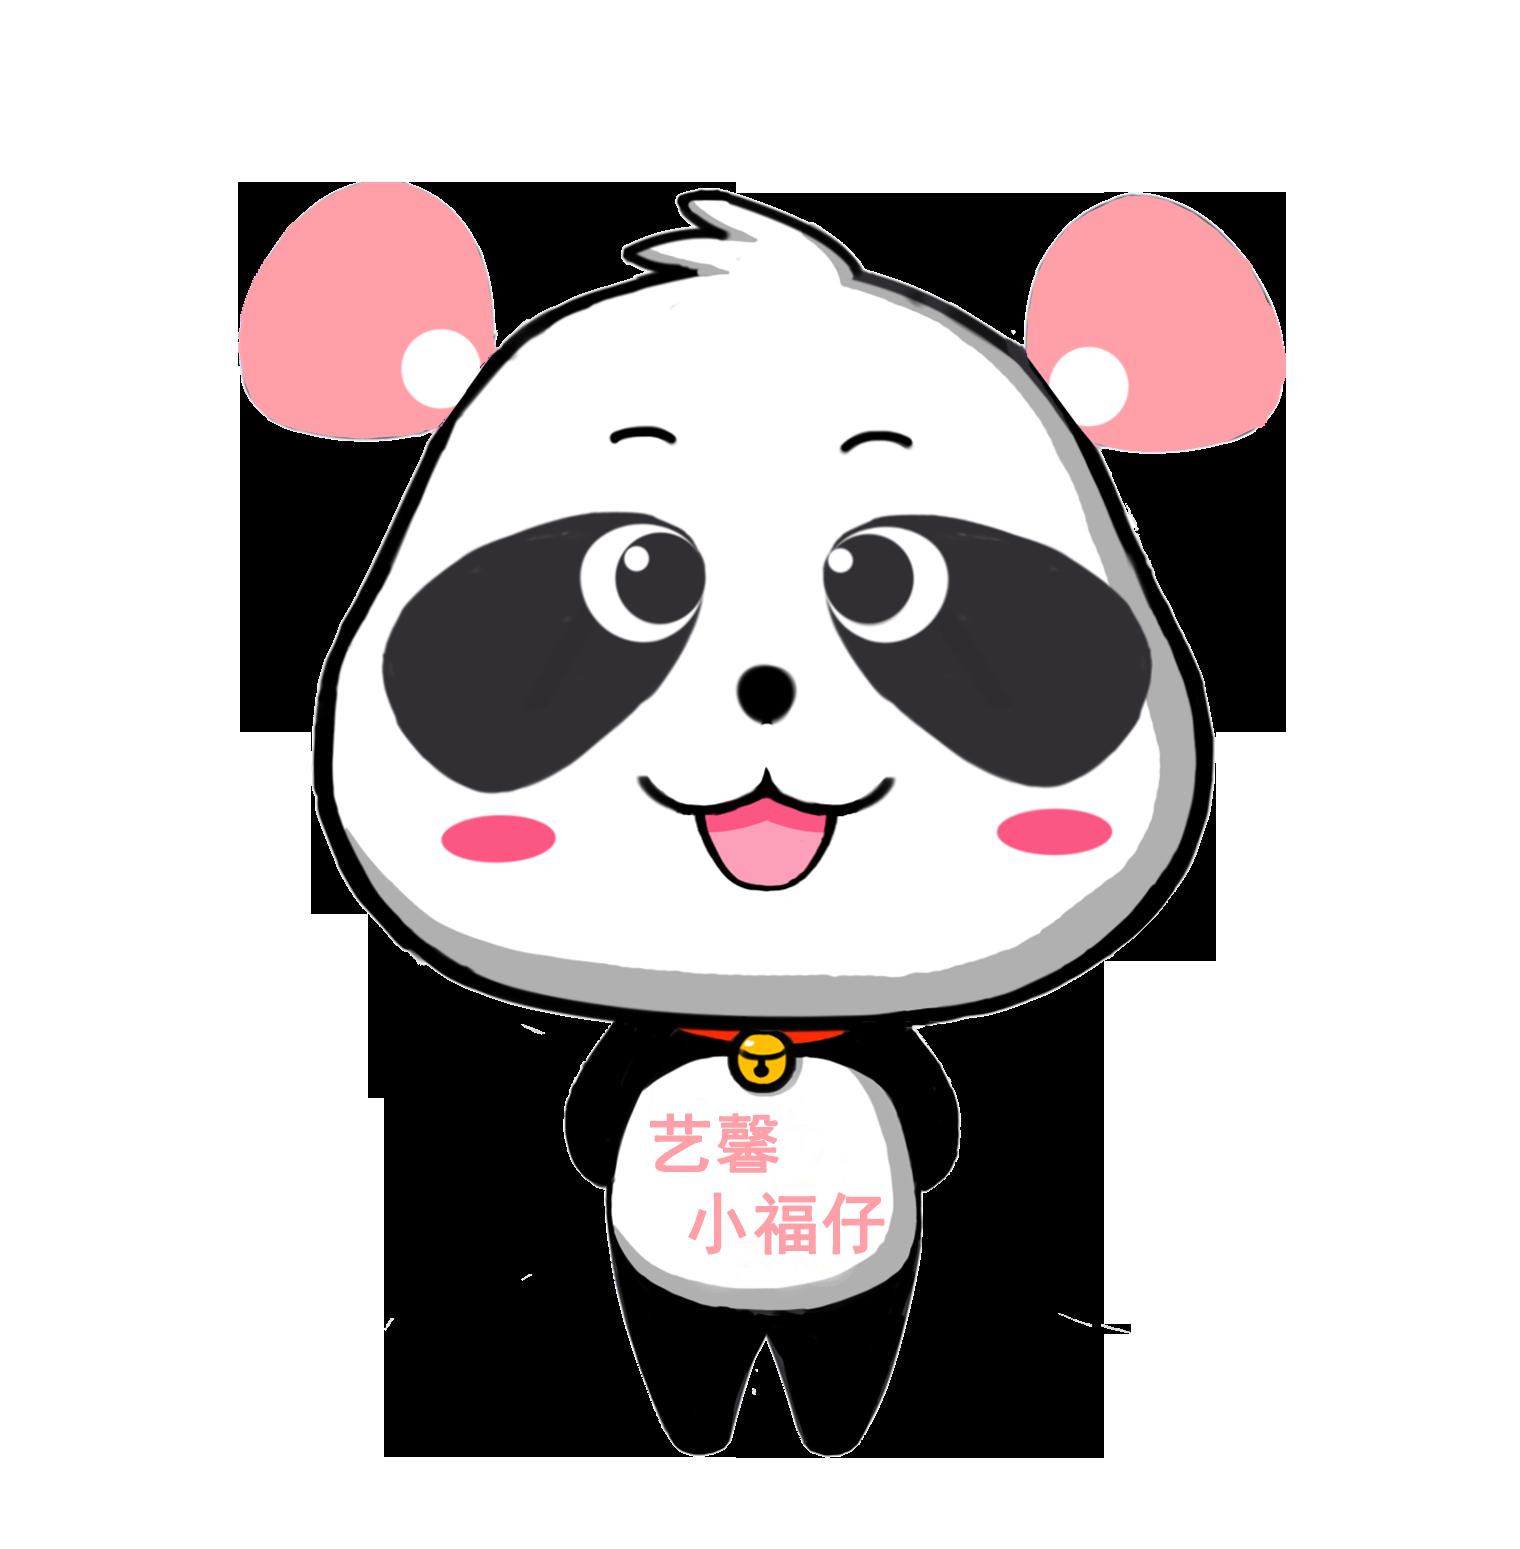 杭州市余杭�^�馨文化��g培��W校logo